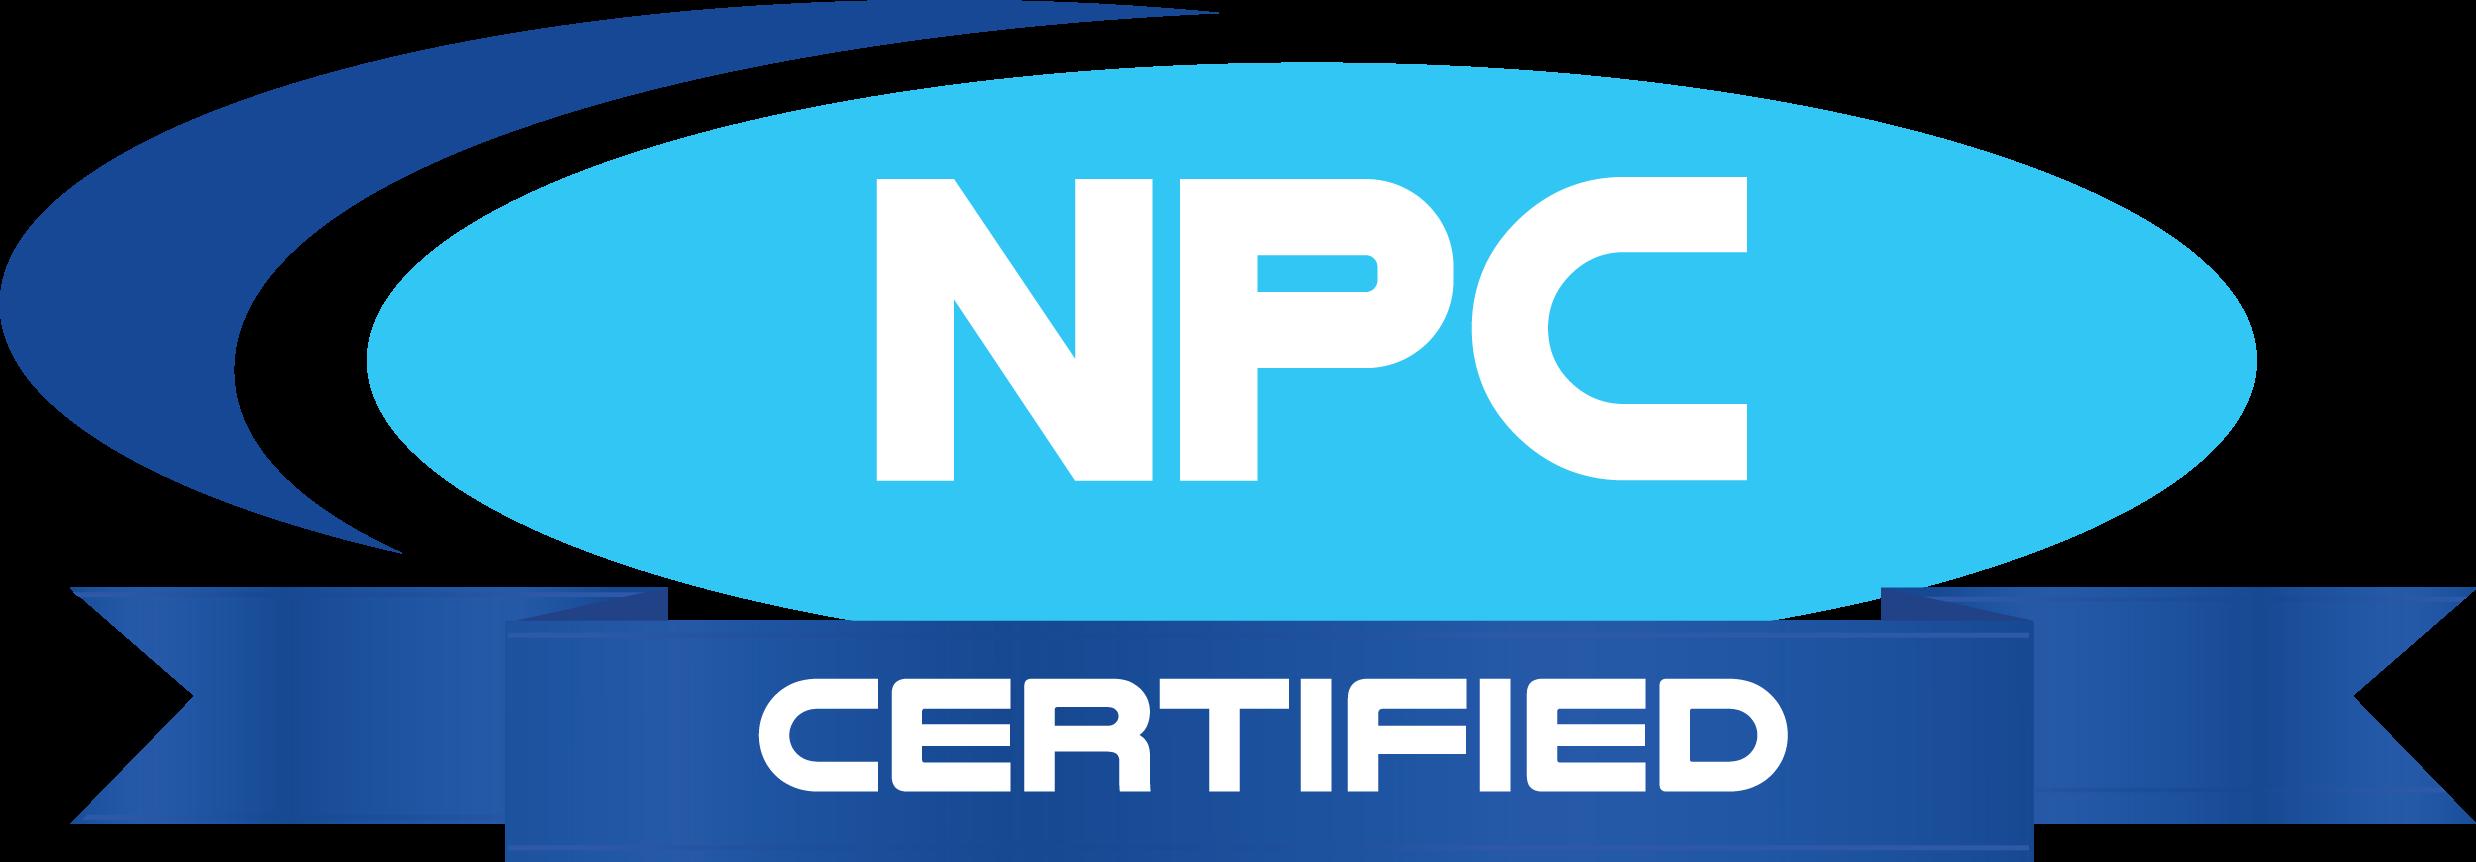 Get NPC Certified!